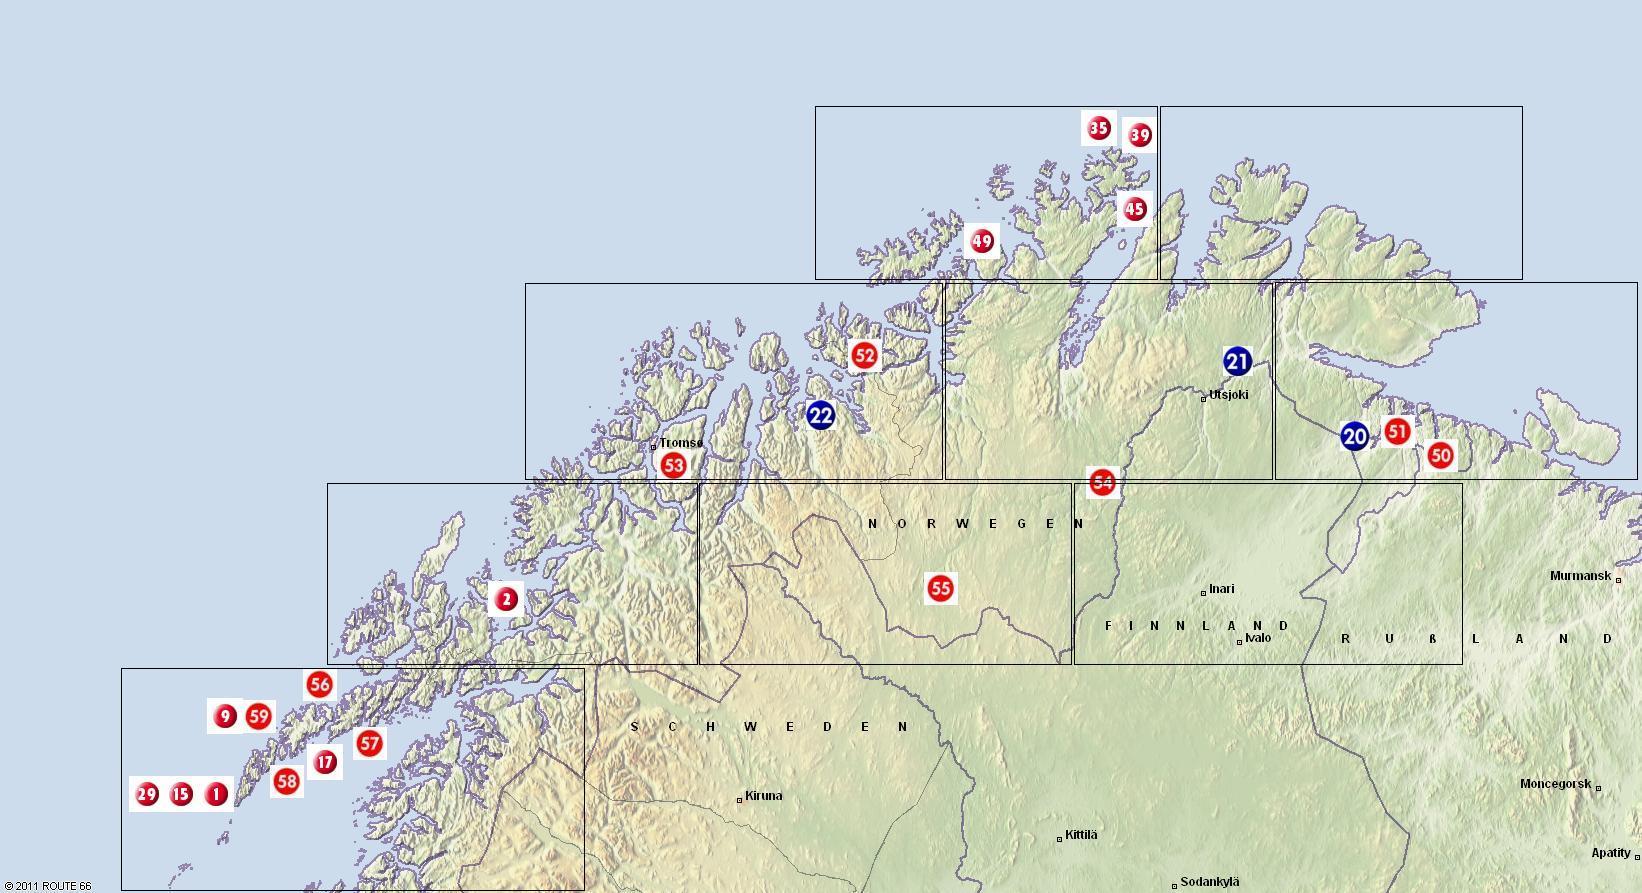 norwegen sehenswürdigkeiten karte Reiseziele norwegen sehenswürdigkeiten karte